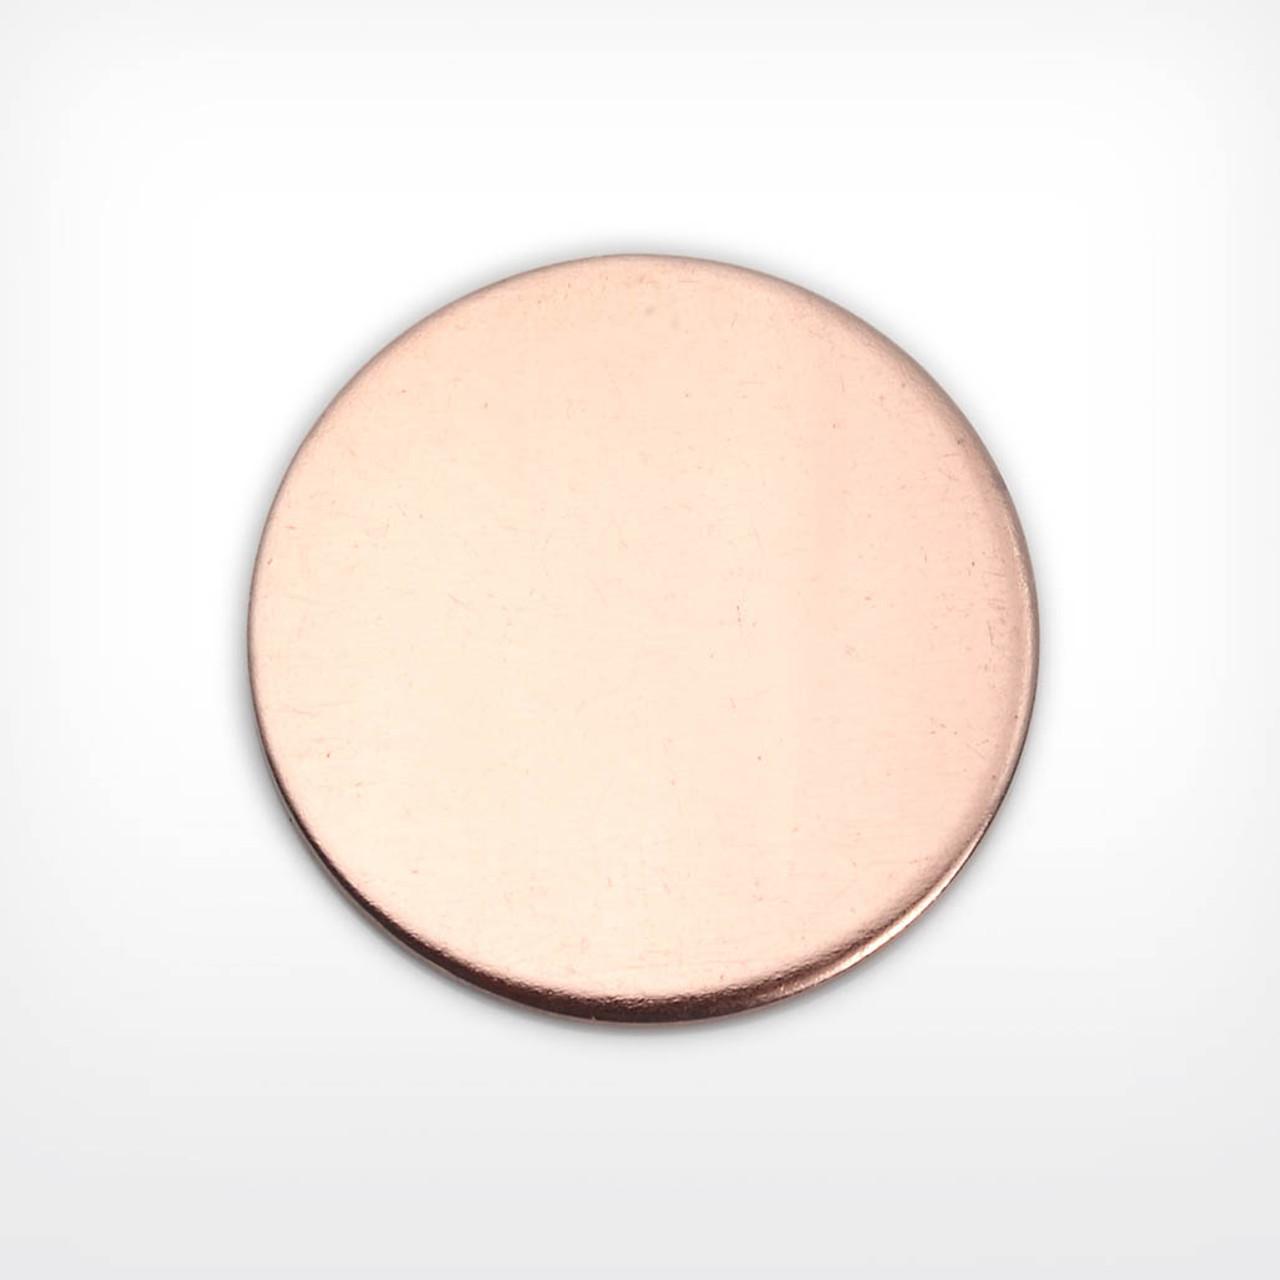 Copper Disc, 14.5mm - Pack of 10 (650-CU)